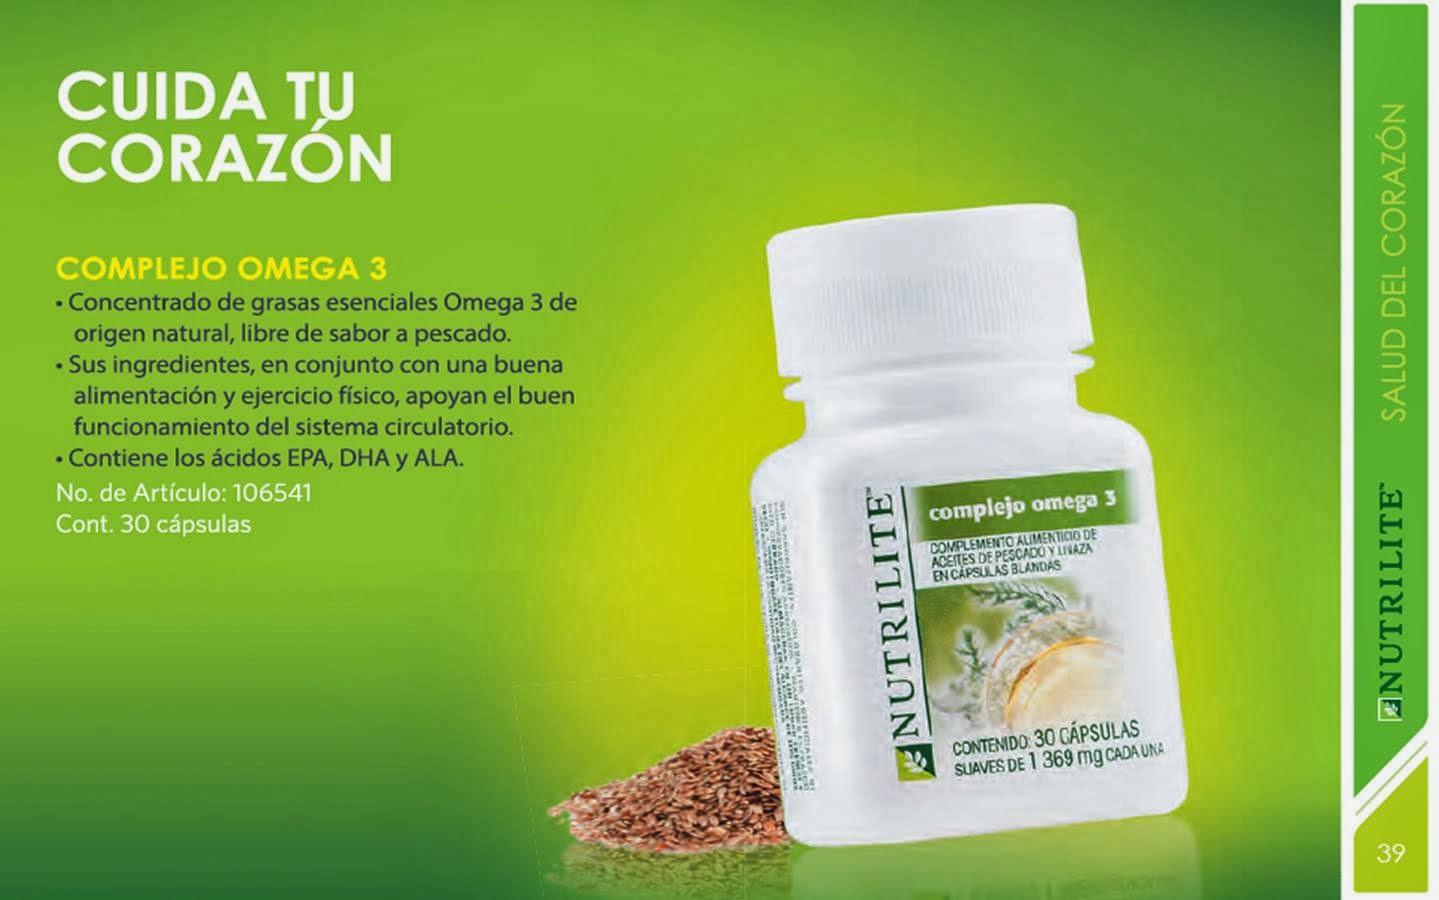 Vitamina e mejor laboratorio